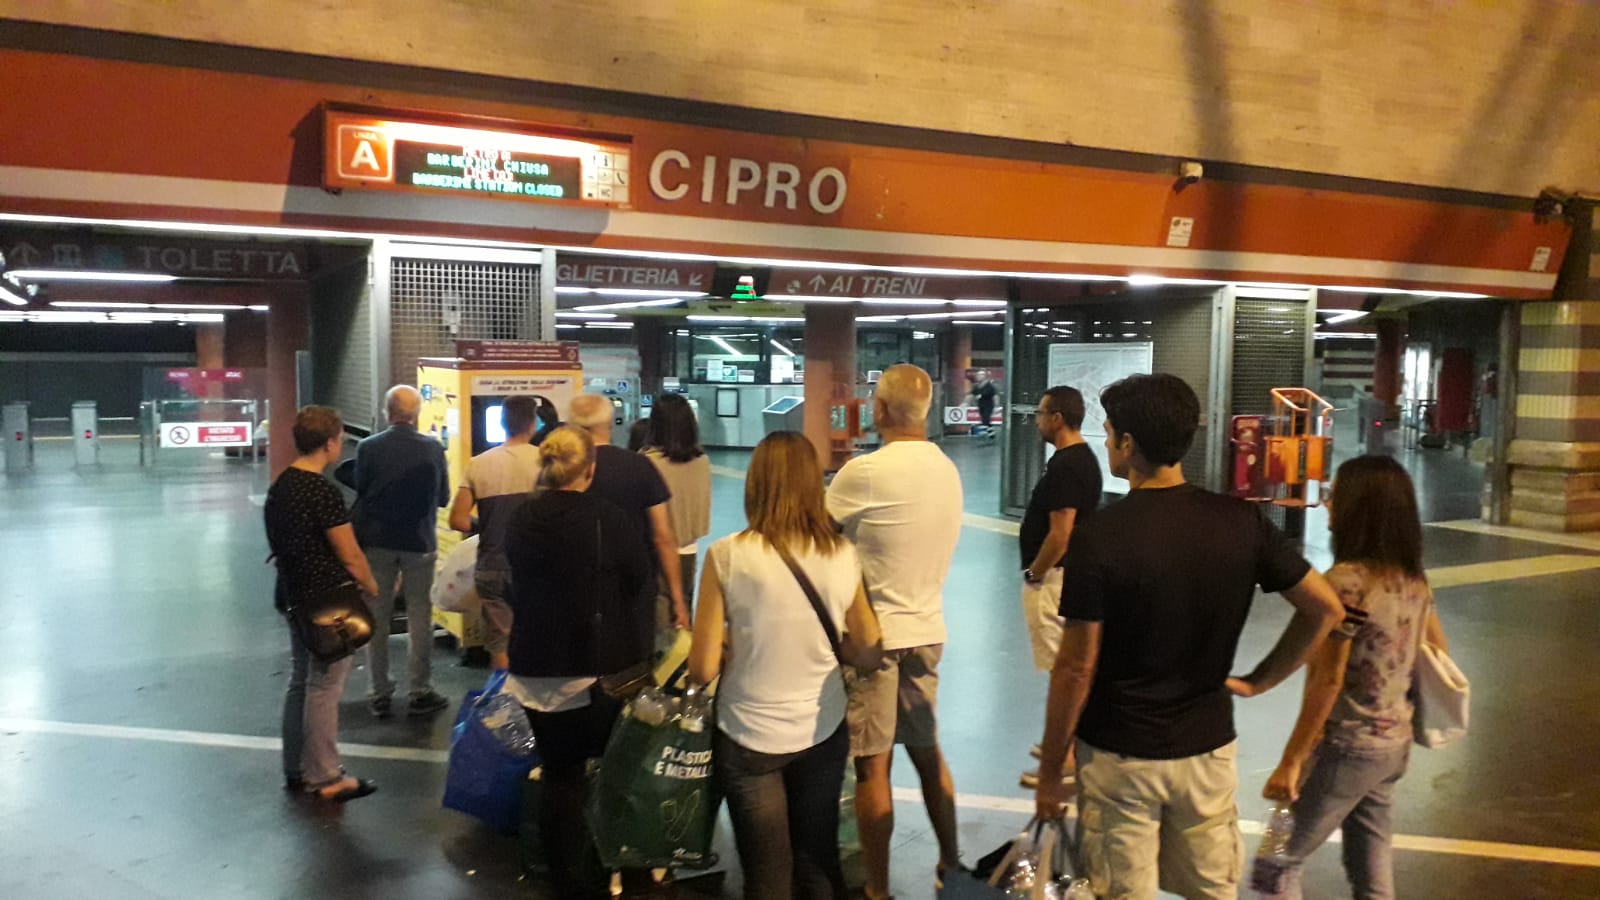 A Roma la Metro è gratis. Grazie alla plastica